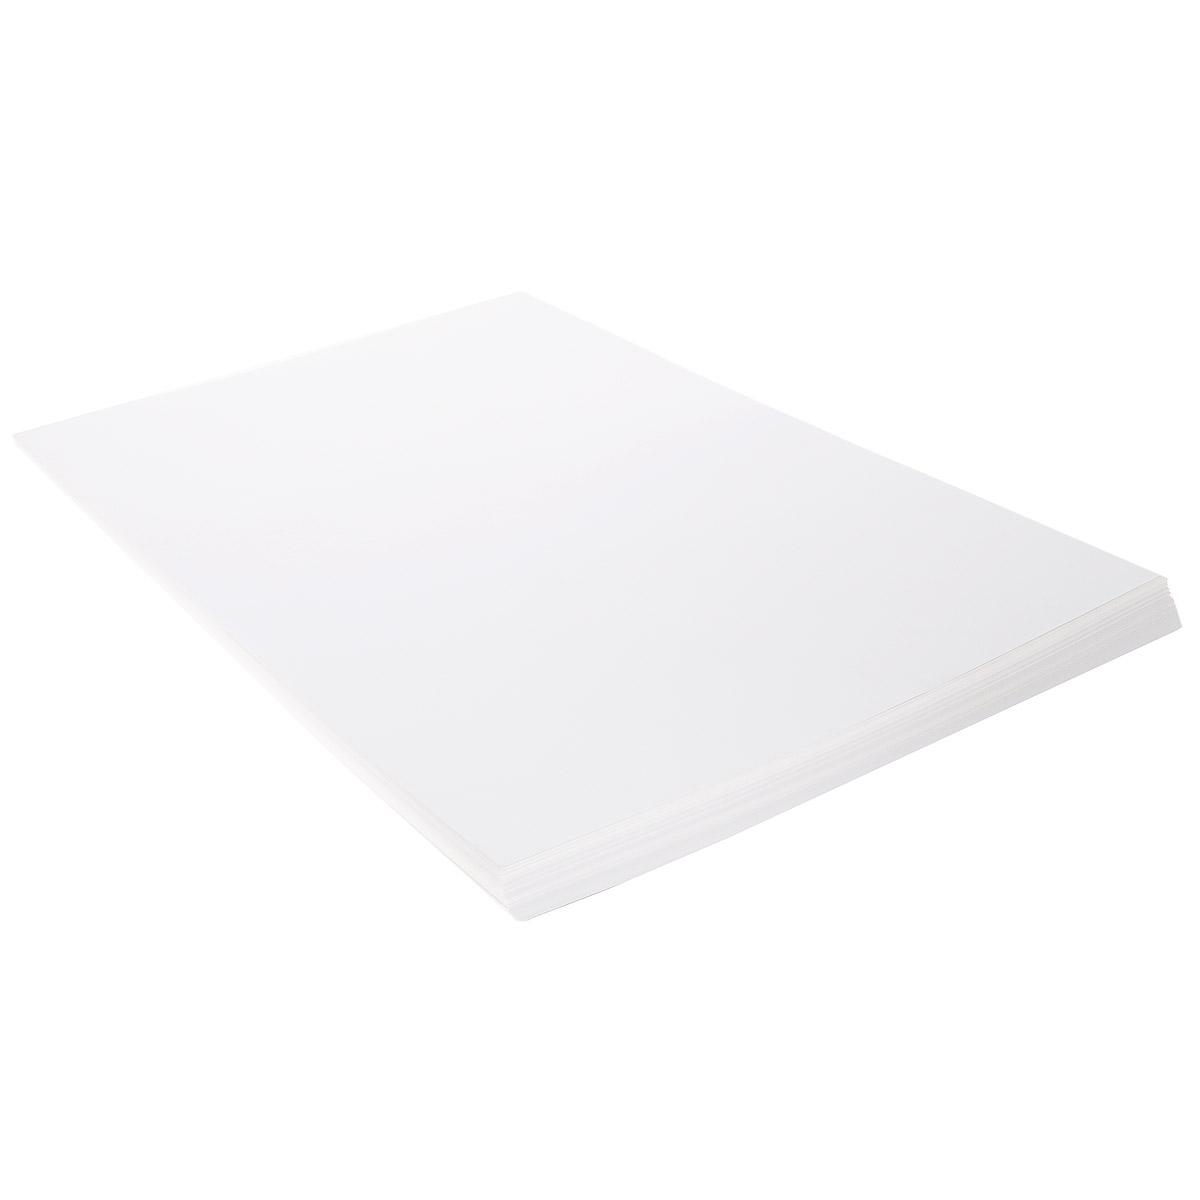 Бумага для черчения Гознак, 100 листов, формат A272523WDБумага для черчения Гознак предназначена для рисования и разнообразных чертежных работ, исполненных карандашом, тушью или акварельными красками. Допускает пользование ластиком. Поверхность бумаги после многократных подчисток ластиком не скатывается под карандашом и сохраняет свою белизну. В набор входят 100 листов высококачественной чистоцеллюлозной бумаги.